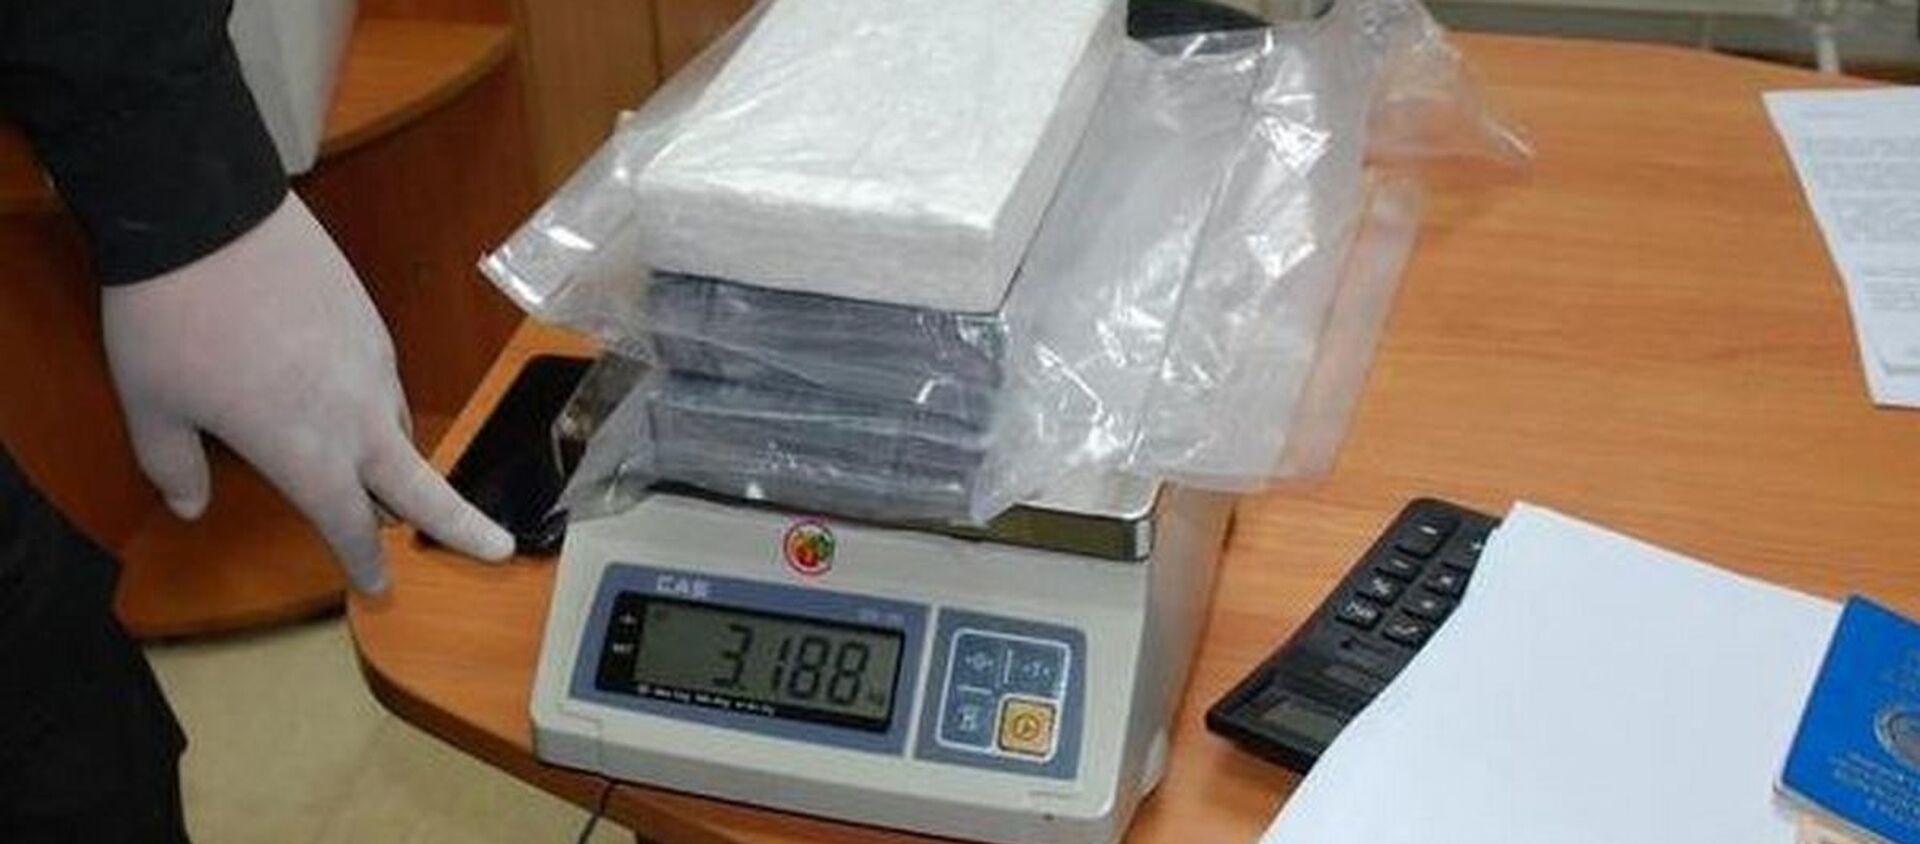 Более трех килограммов наркотика нашли у водителя-дальнобойщика - Sputnik Беларусь, 1920, 21.04.2021